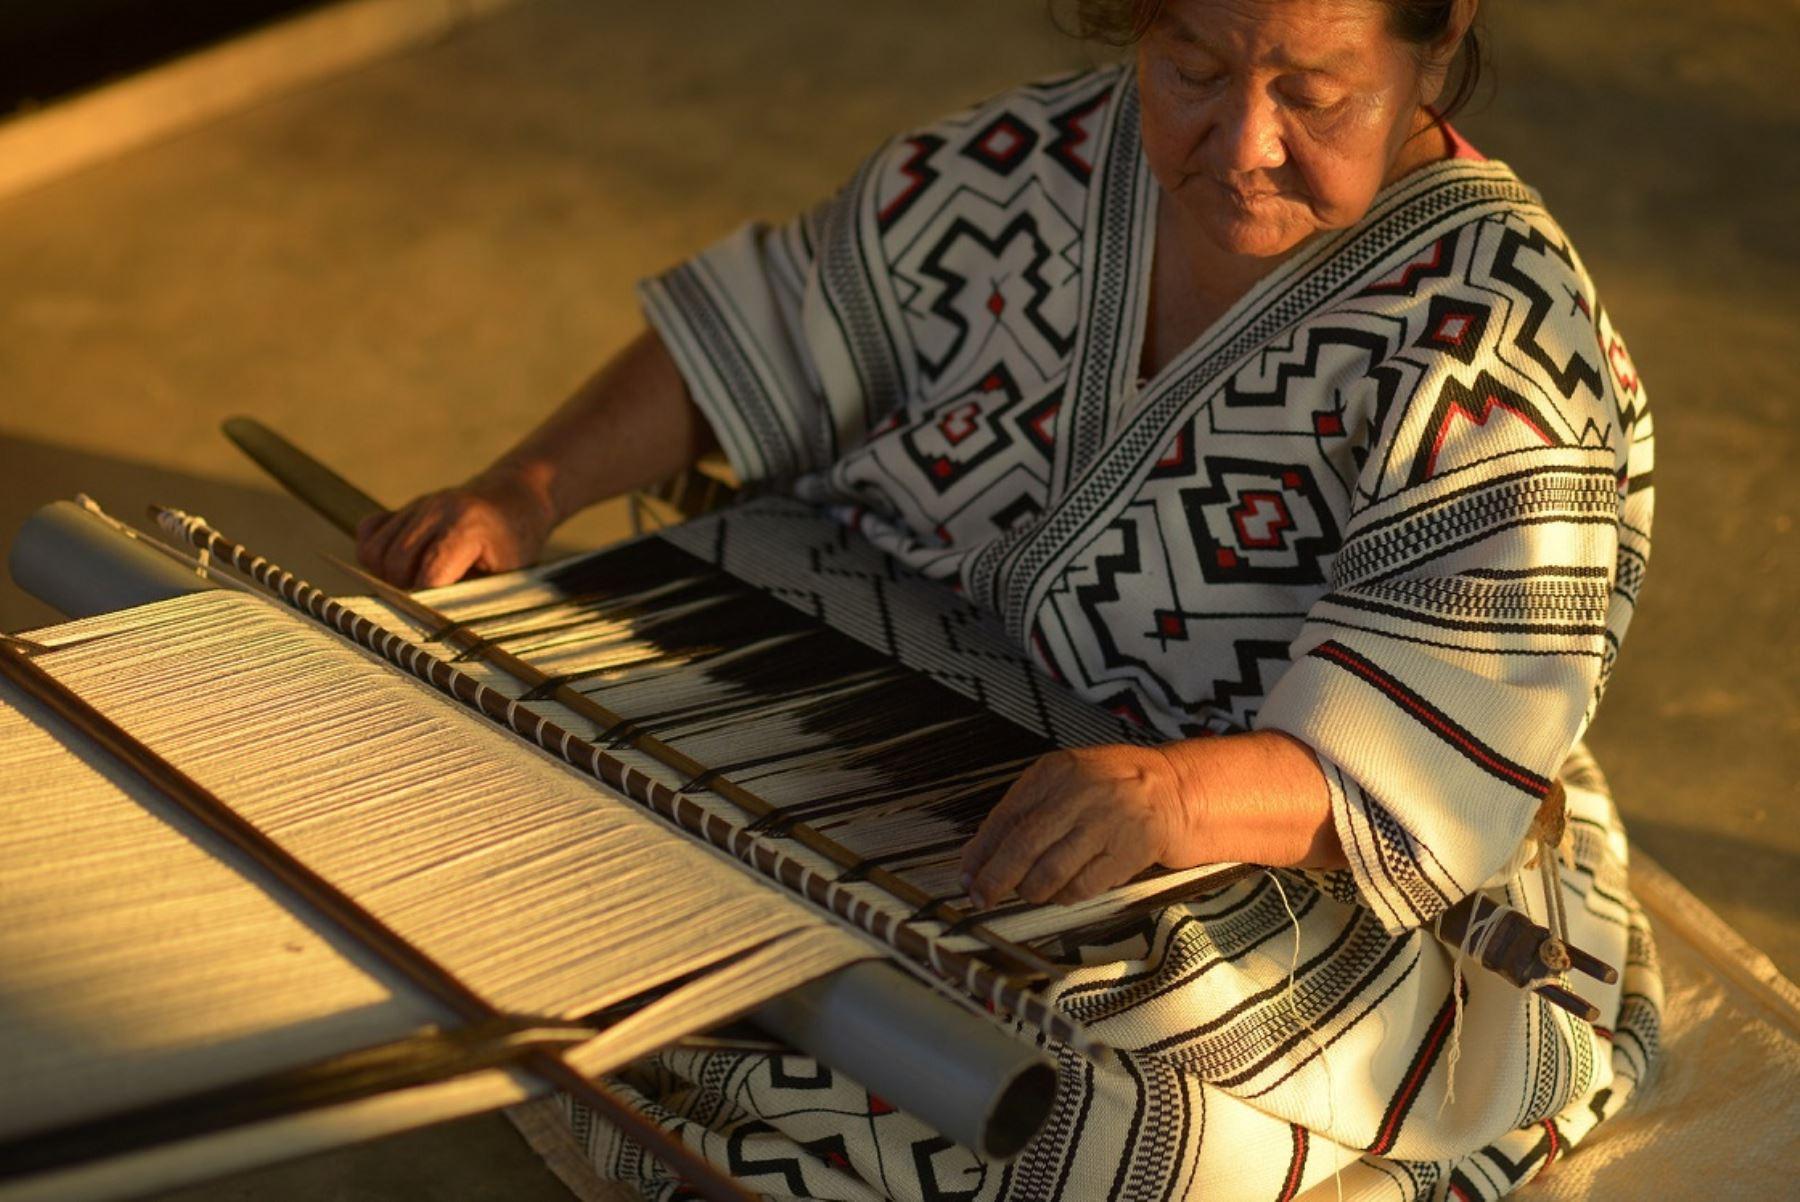 Artesanos amazónicos podrán participar de la feria Arte Nativa. ANDINA/Difusión